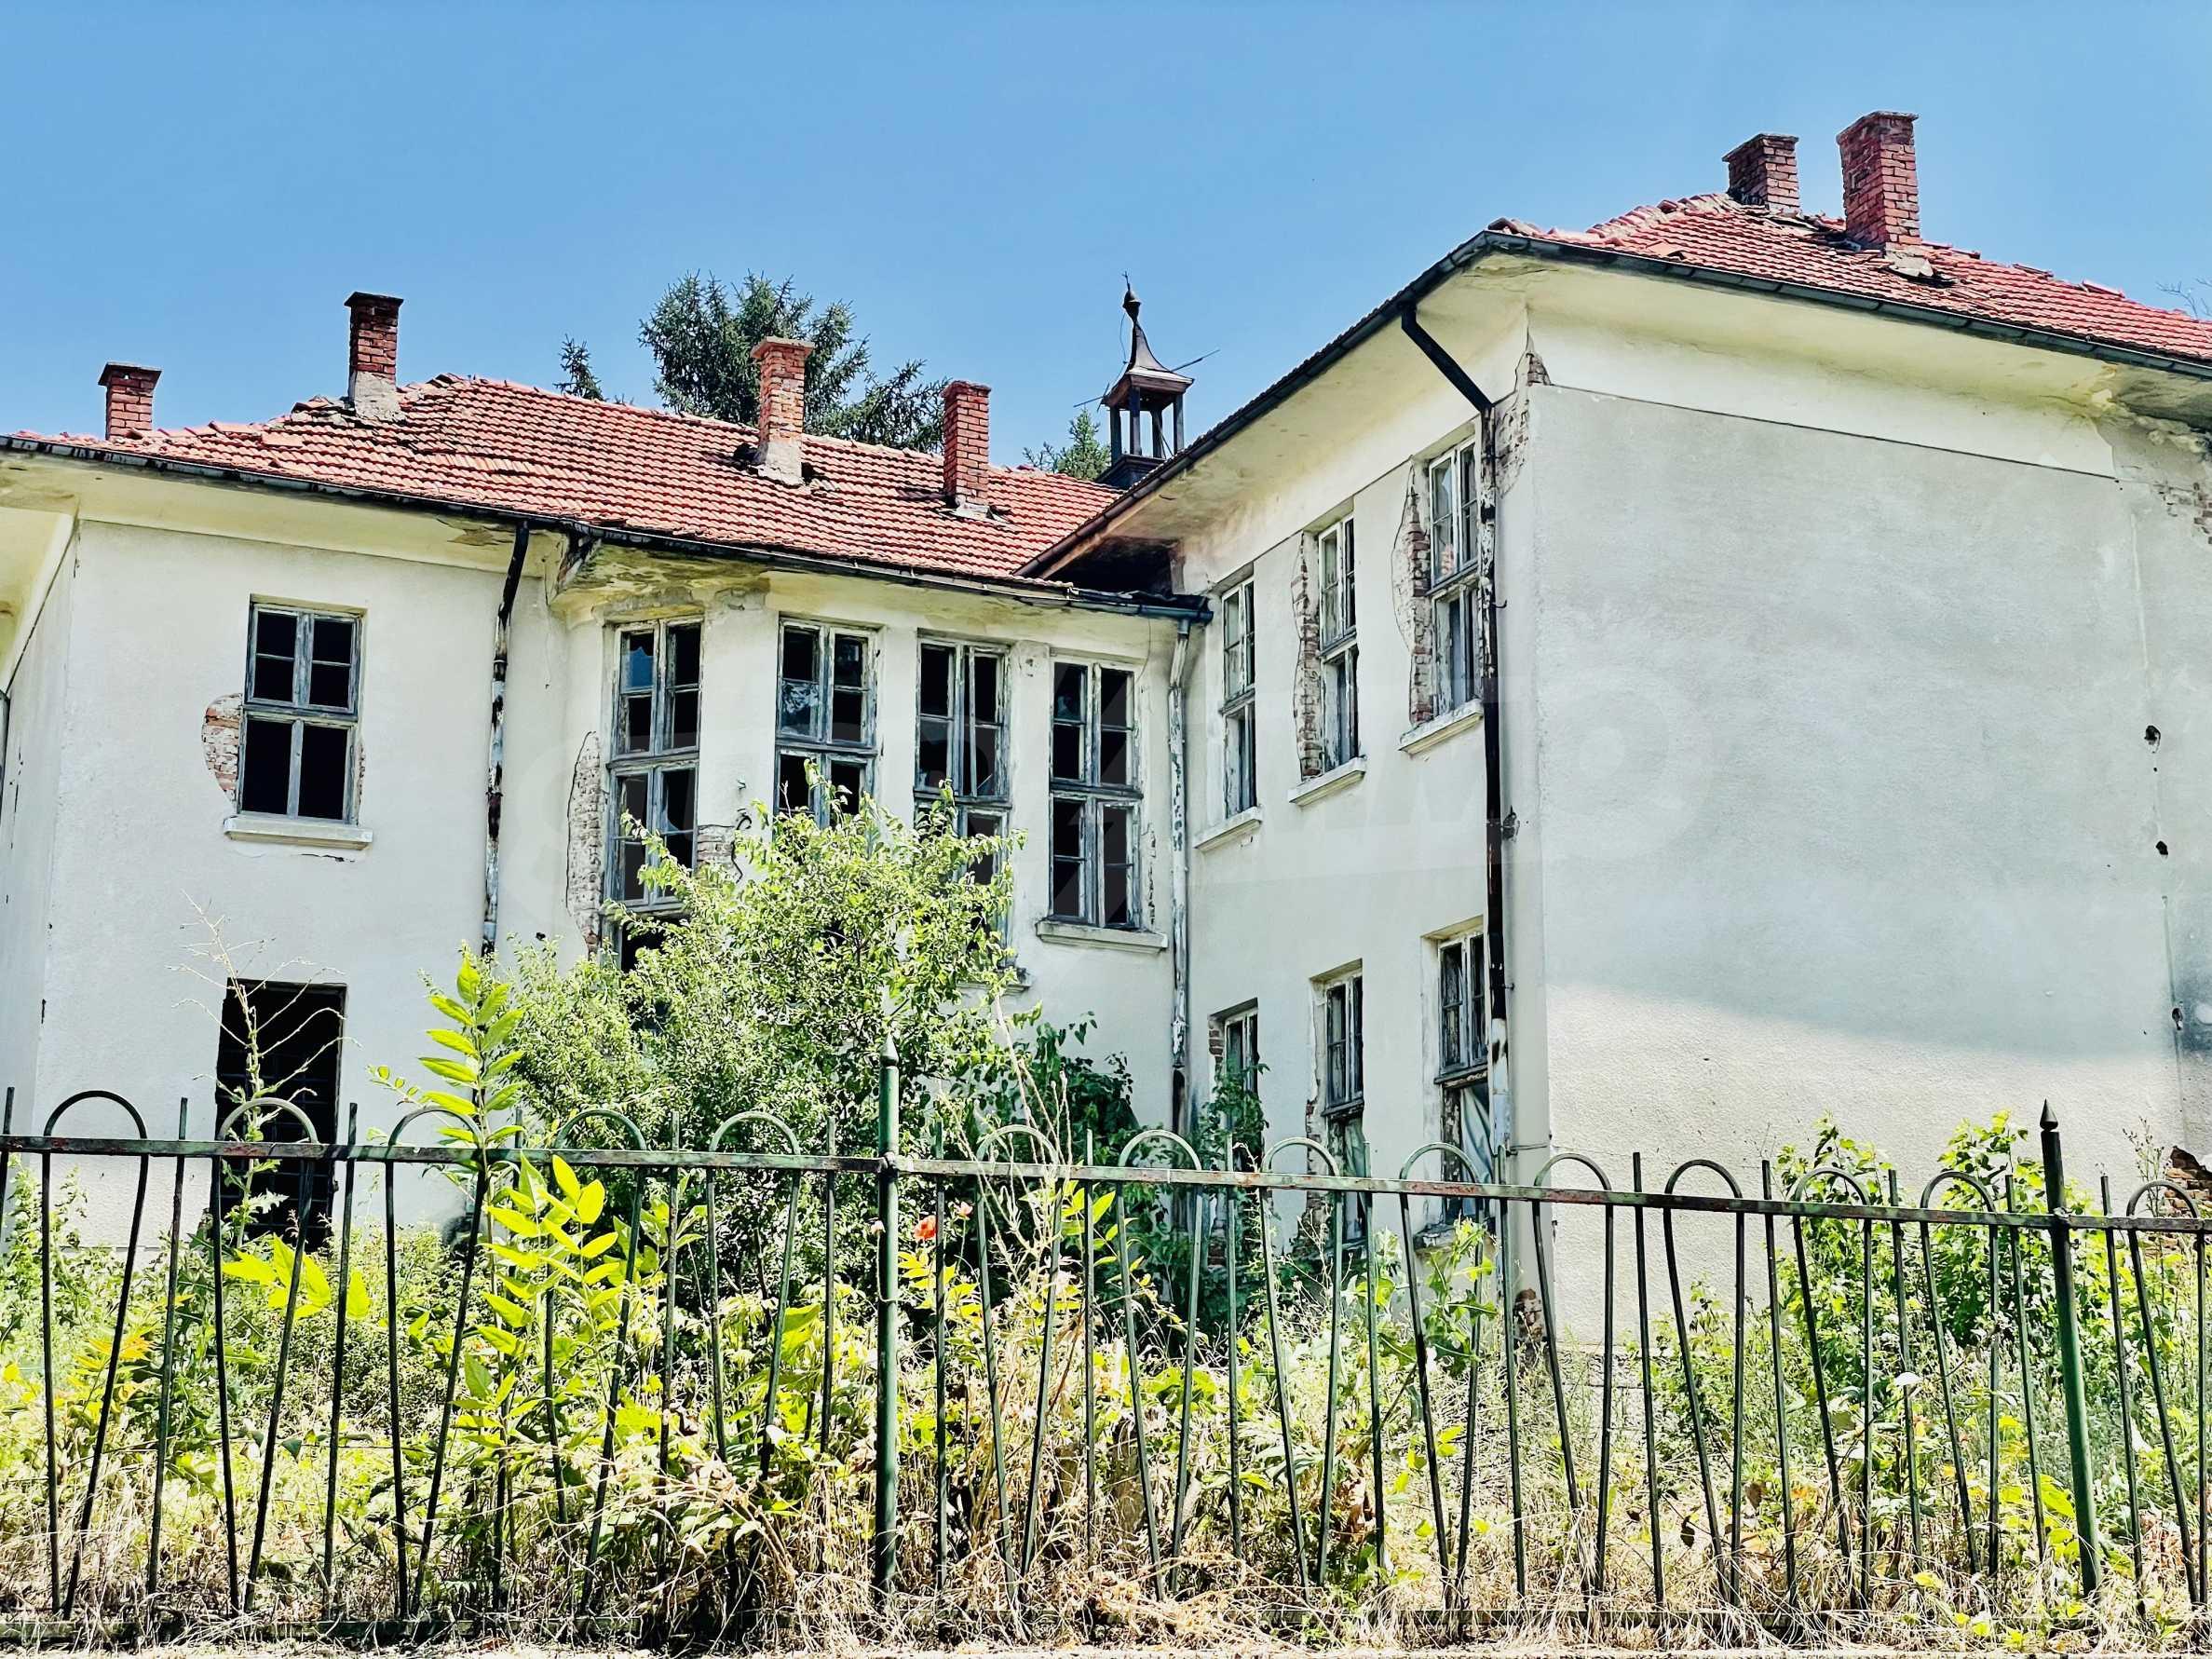 Zwei massive Gebäude auf einem großen Grundstück 35 km von der Stadt Russe und der Donau entfernt 35